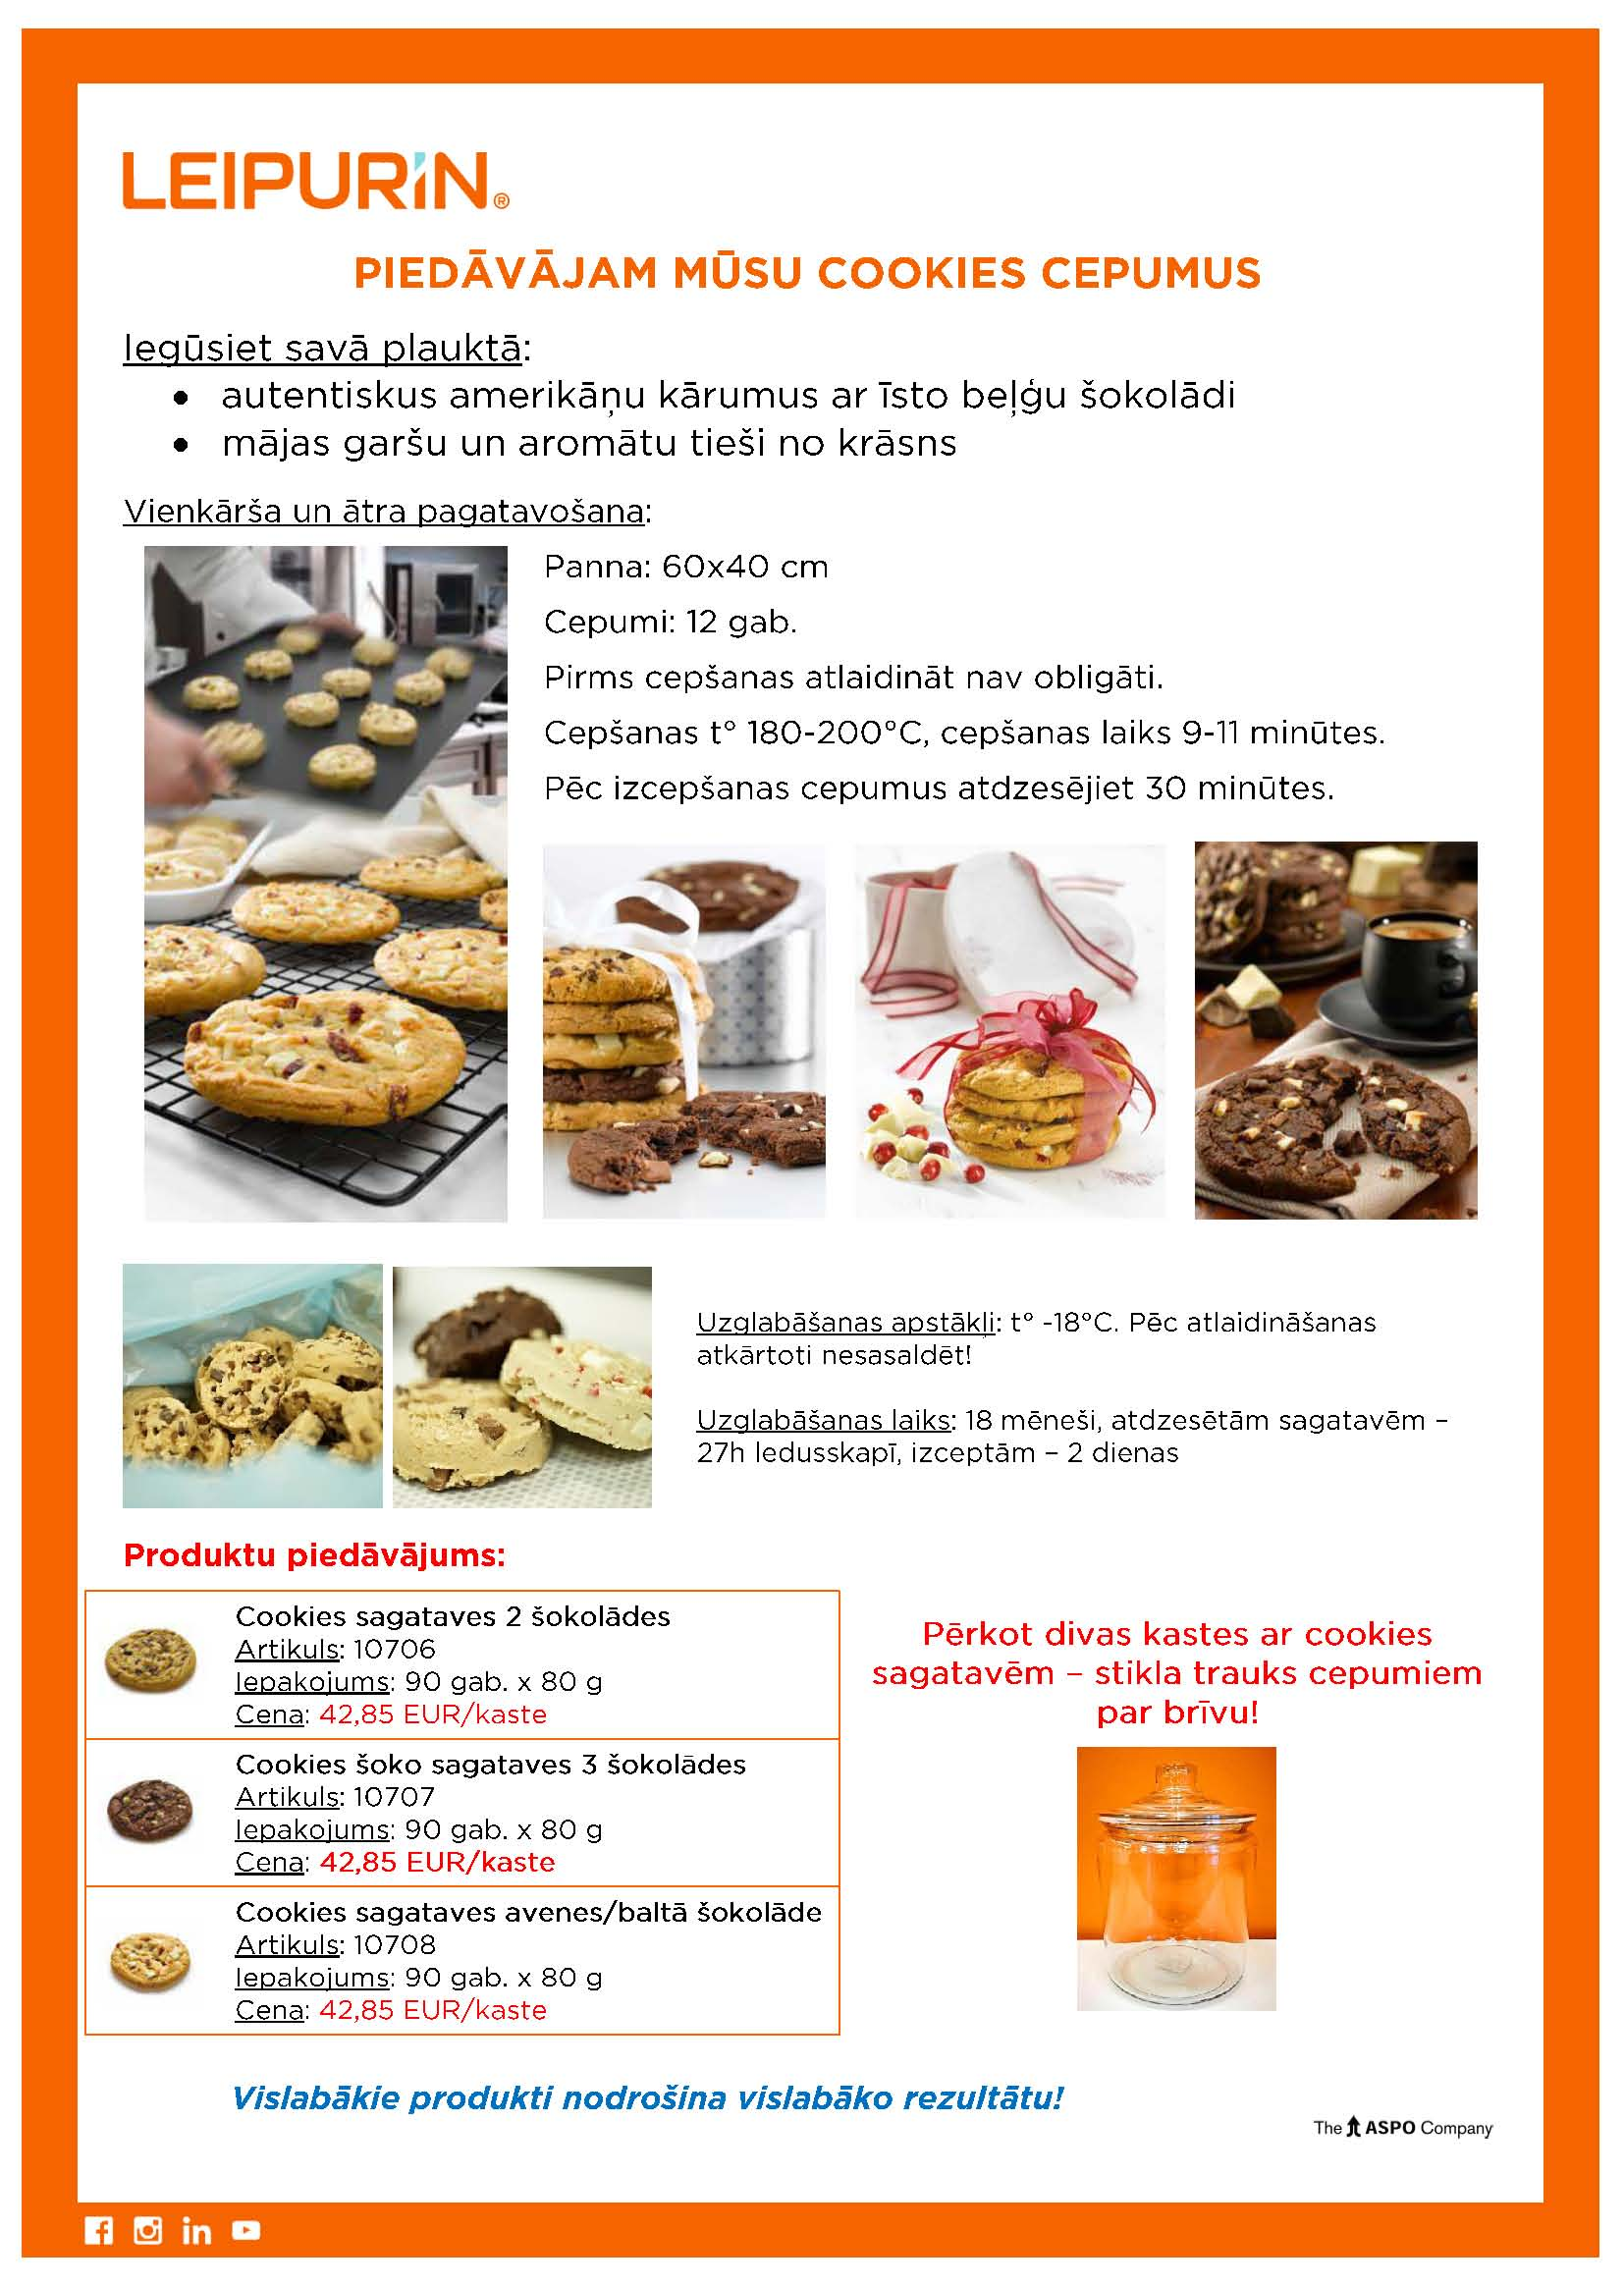 2020.02.10 Cookies sagataves - aatri sasaldeetas